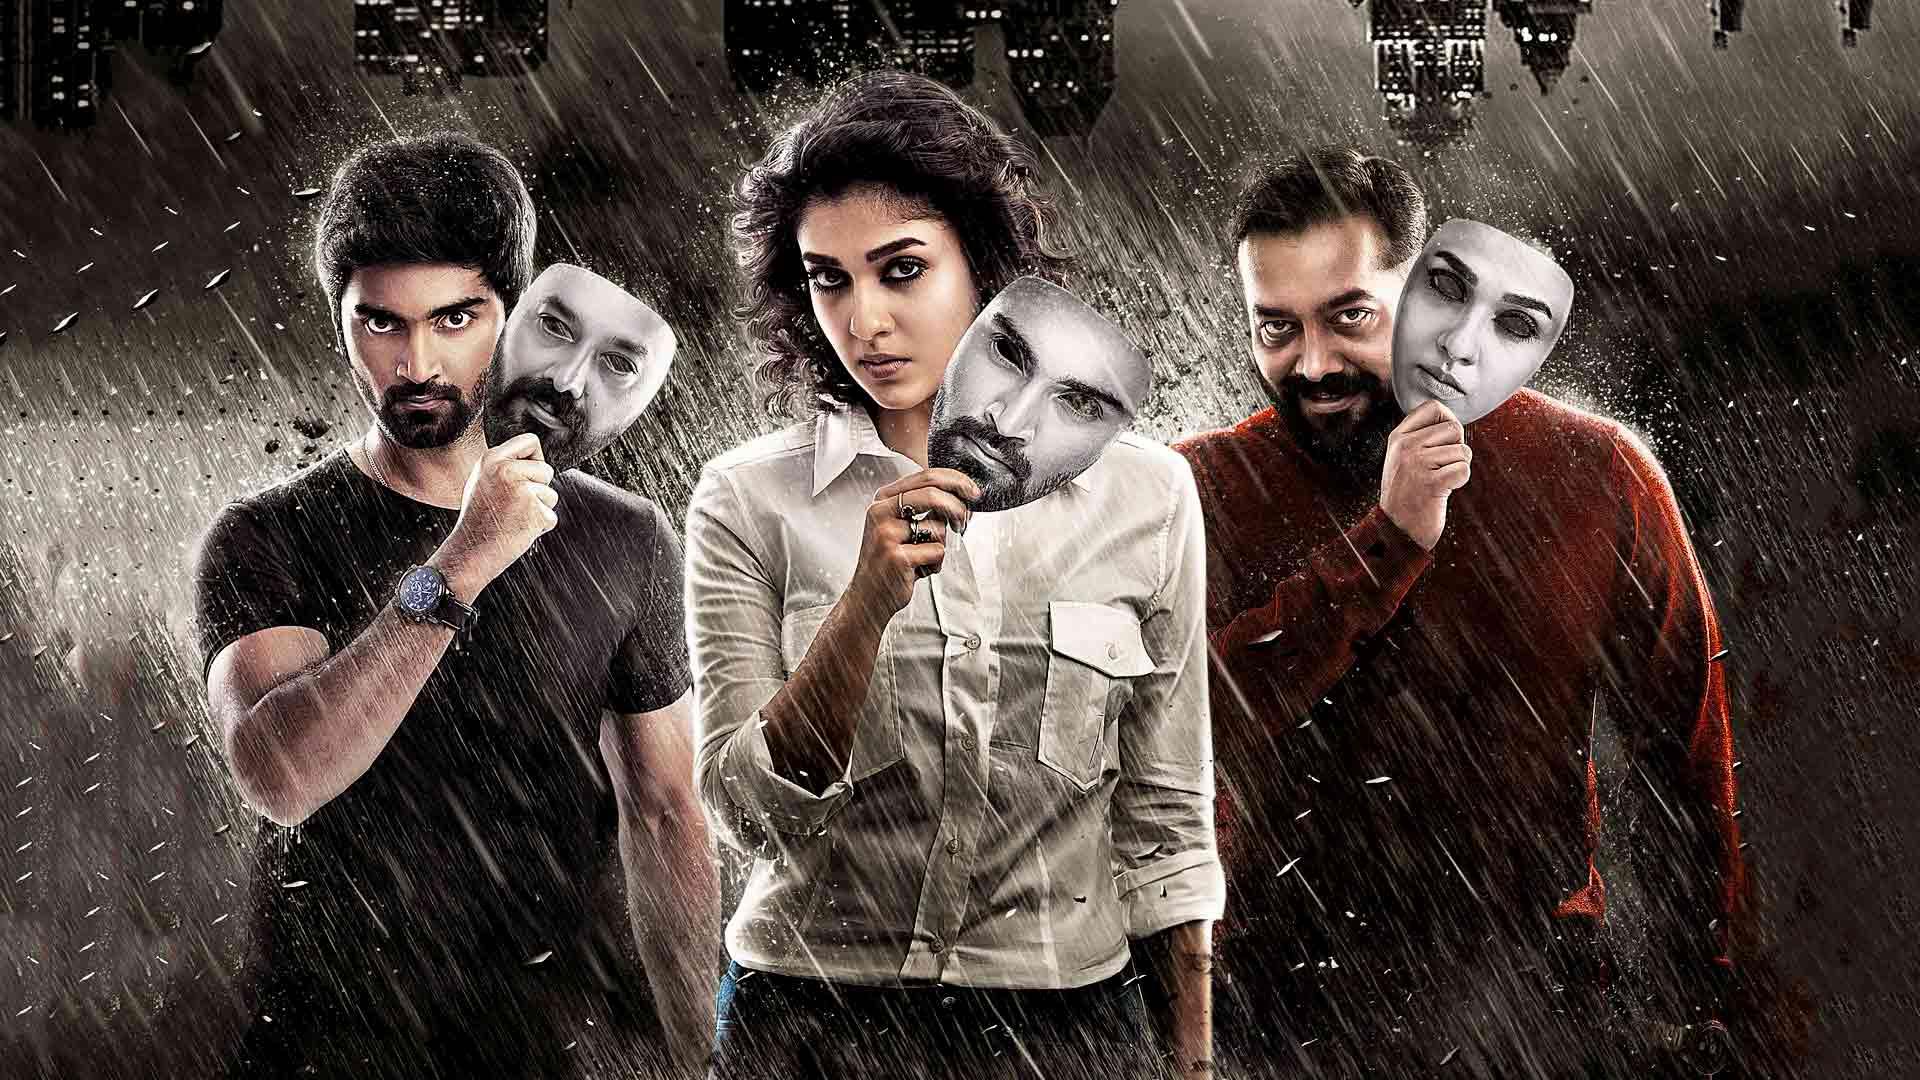 Iruttu Araiyil Murattu Kuththu Full Movie Online Watch Iruttu